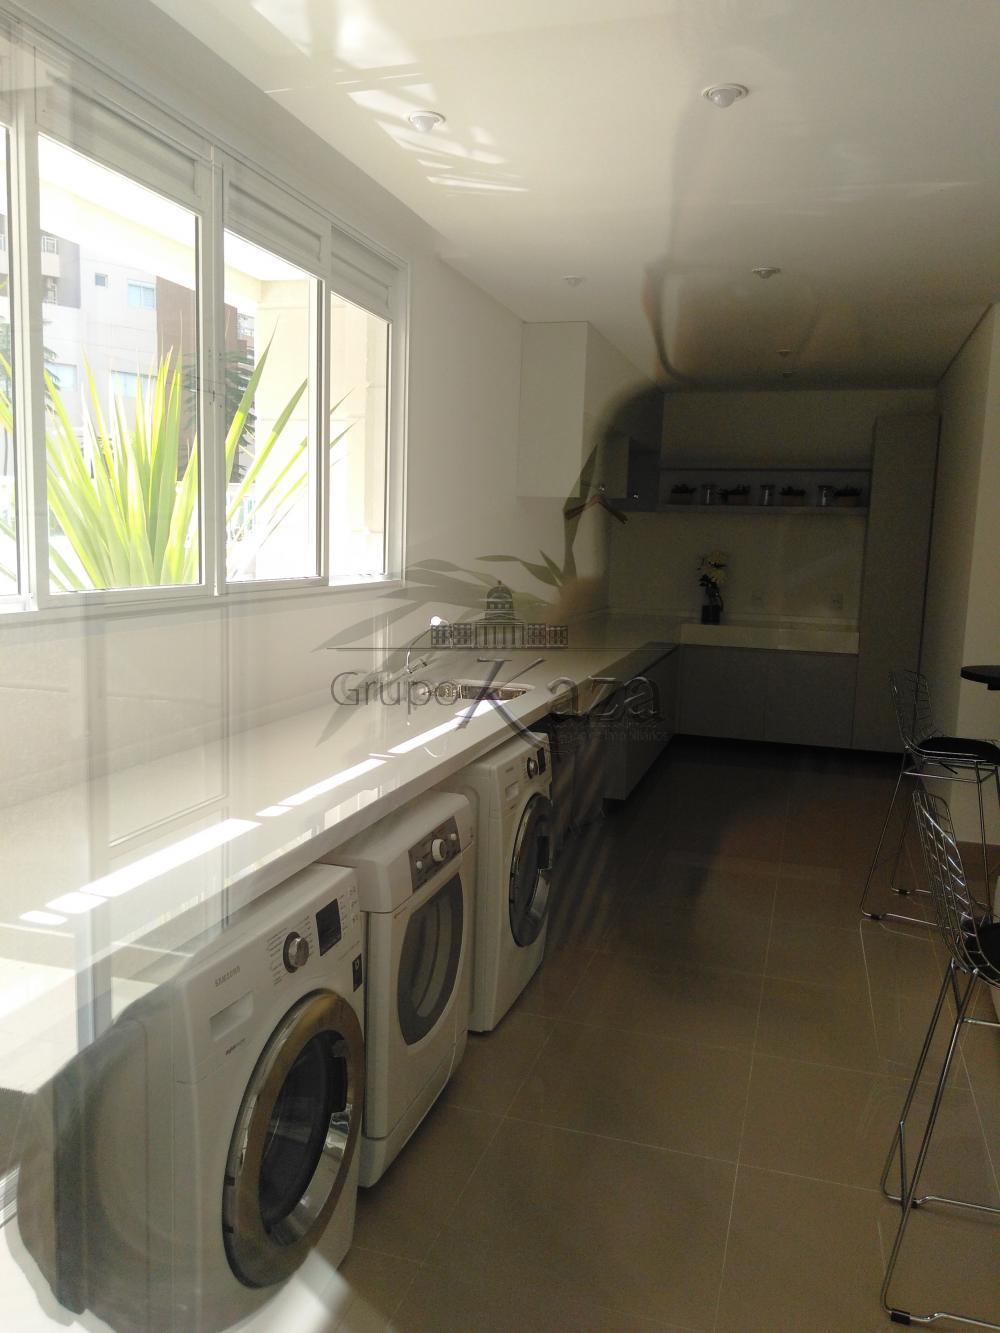 alt='Alugar Apartamento / Padrão em São José dos Campos R$ 3.300,00 - Foto 25' title='Alugar Apartamento / Padrão em São José dos Campos R$ 3.300,00 - Foto 25'